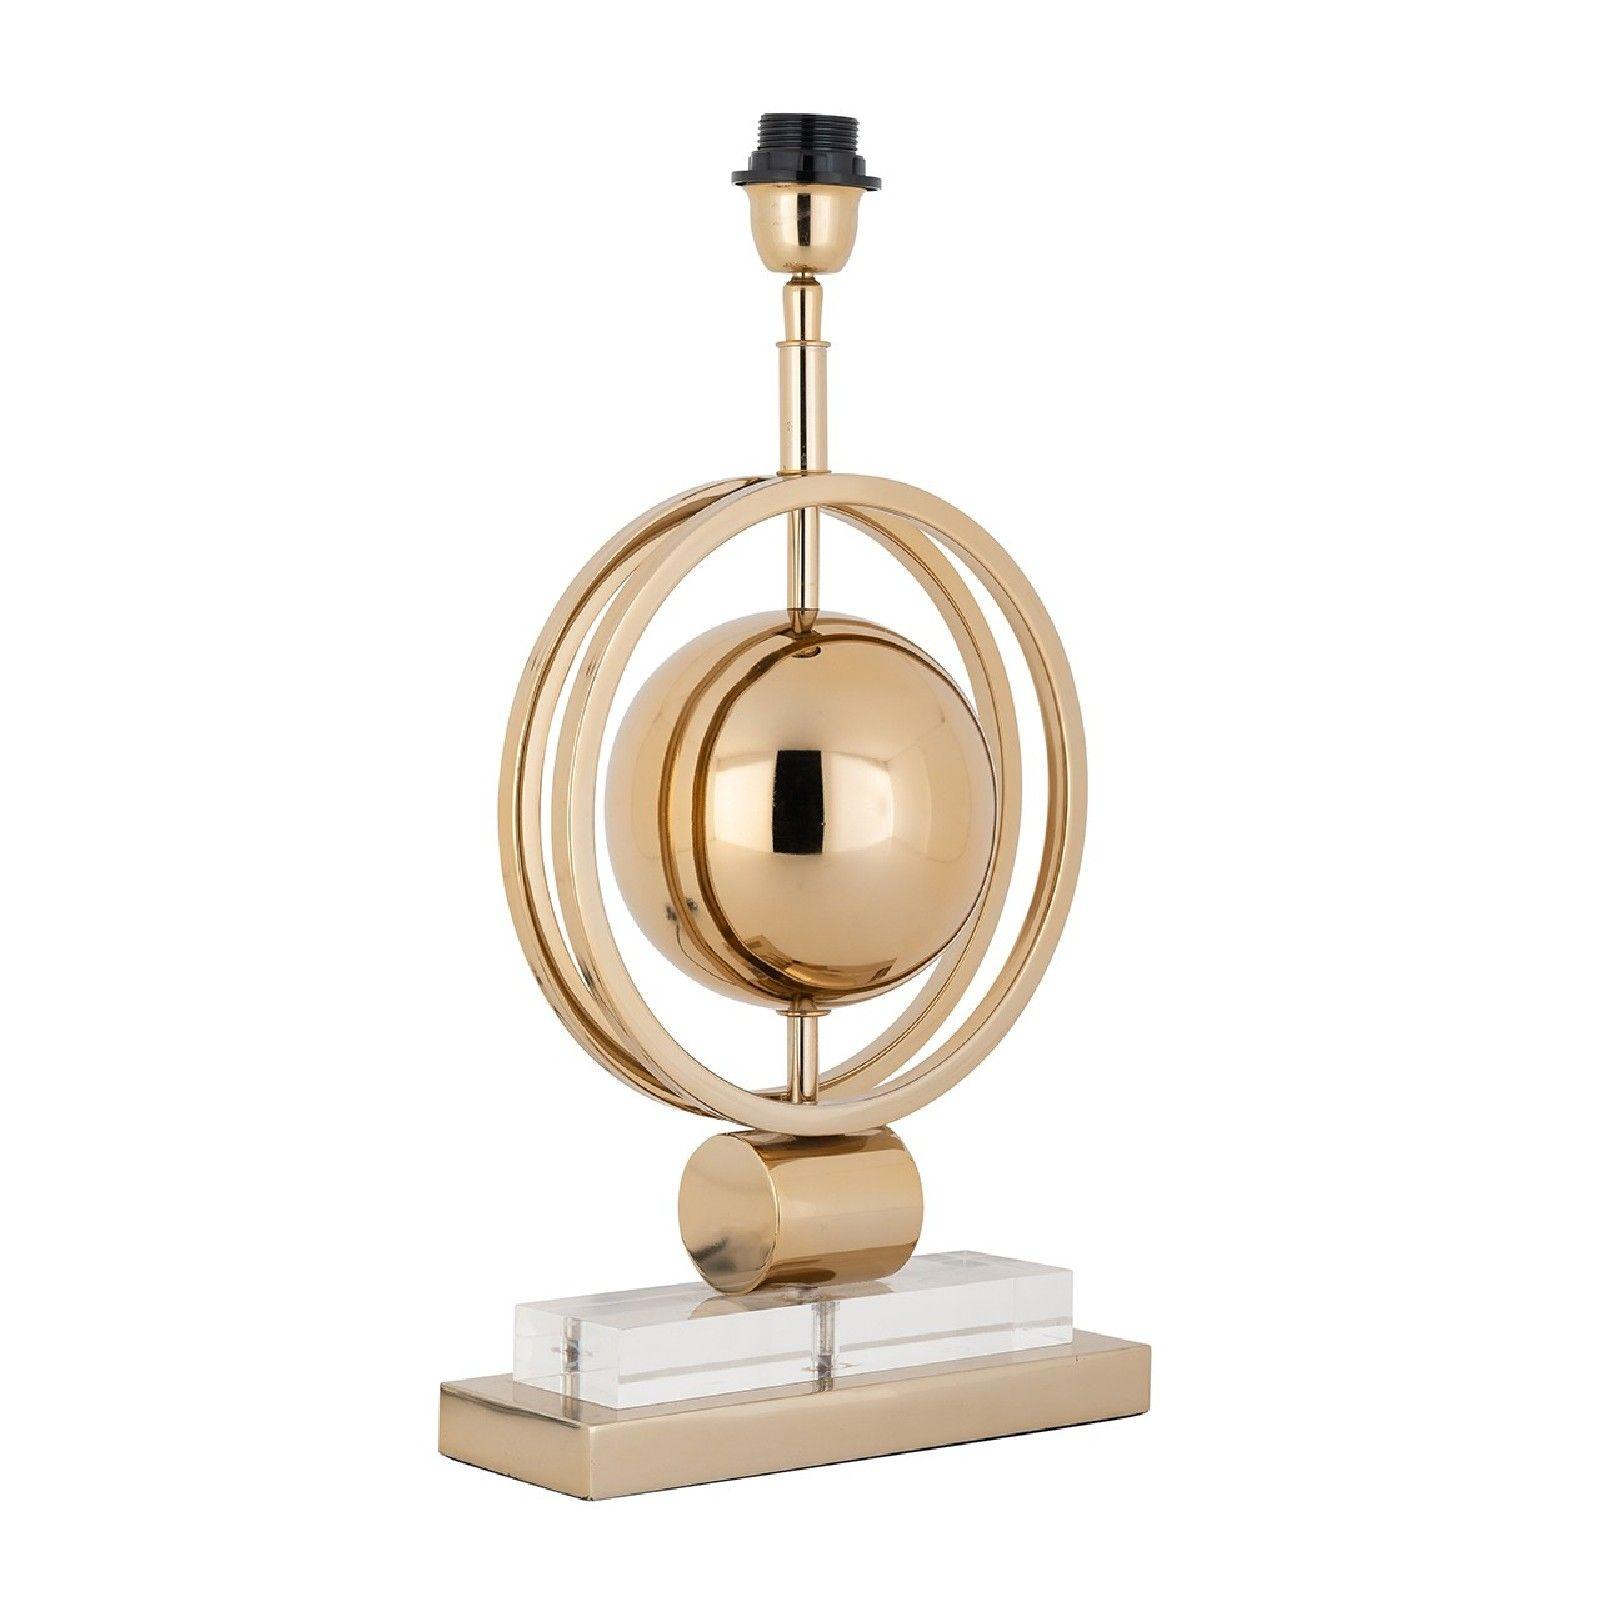 Lampe de table Averil goldE27 / 60 watt Lampes - 38